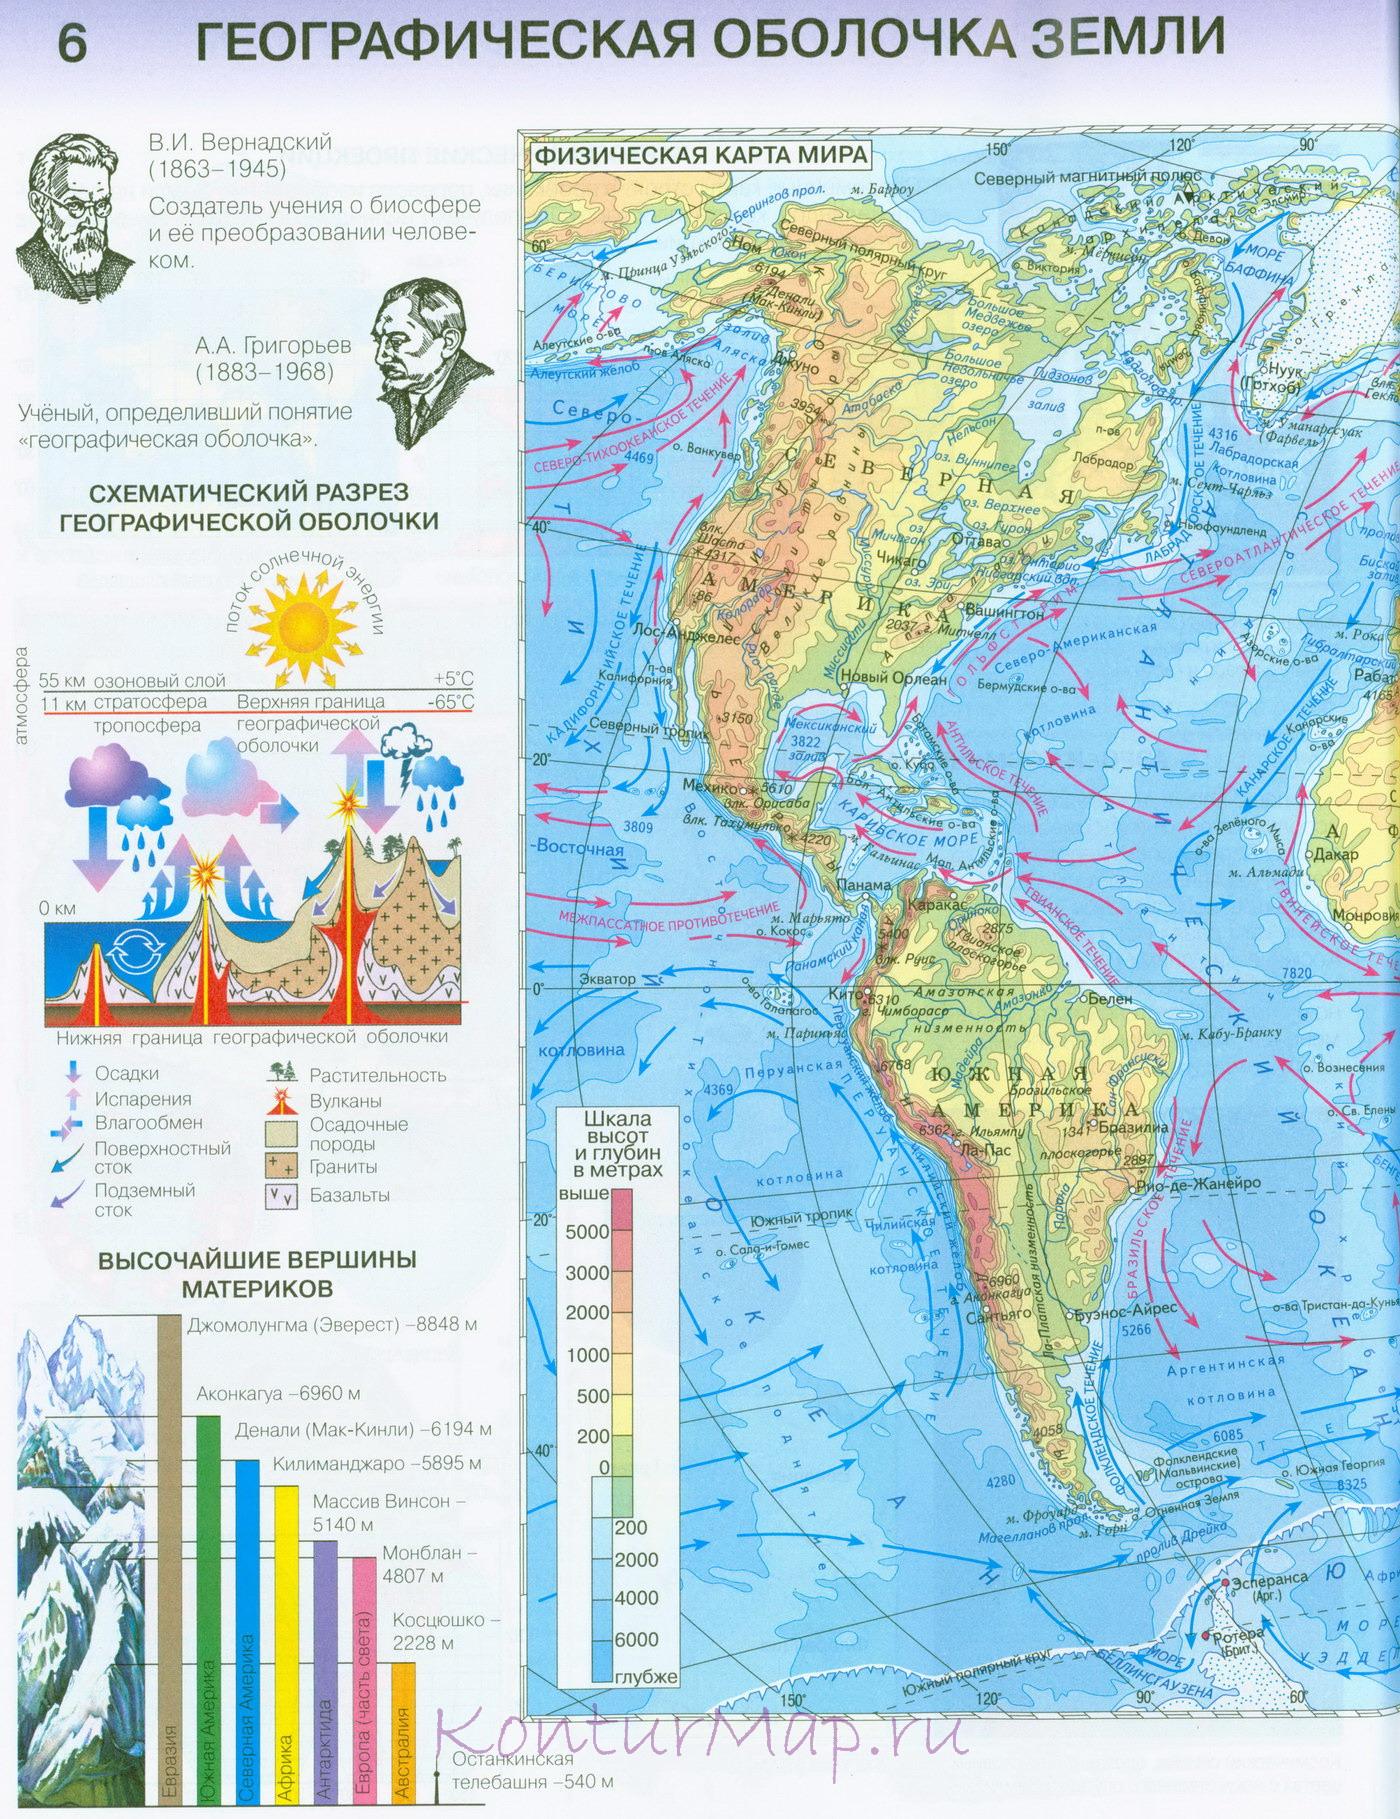 Физический атлас африки 7 класс по географии